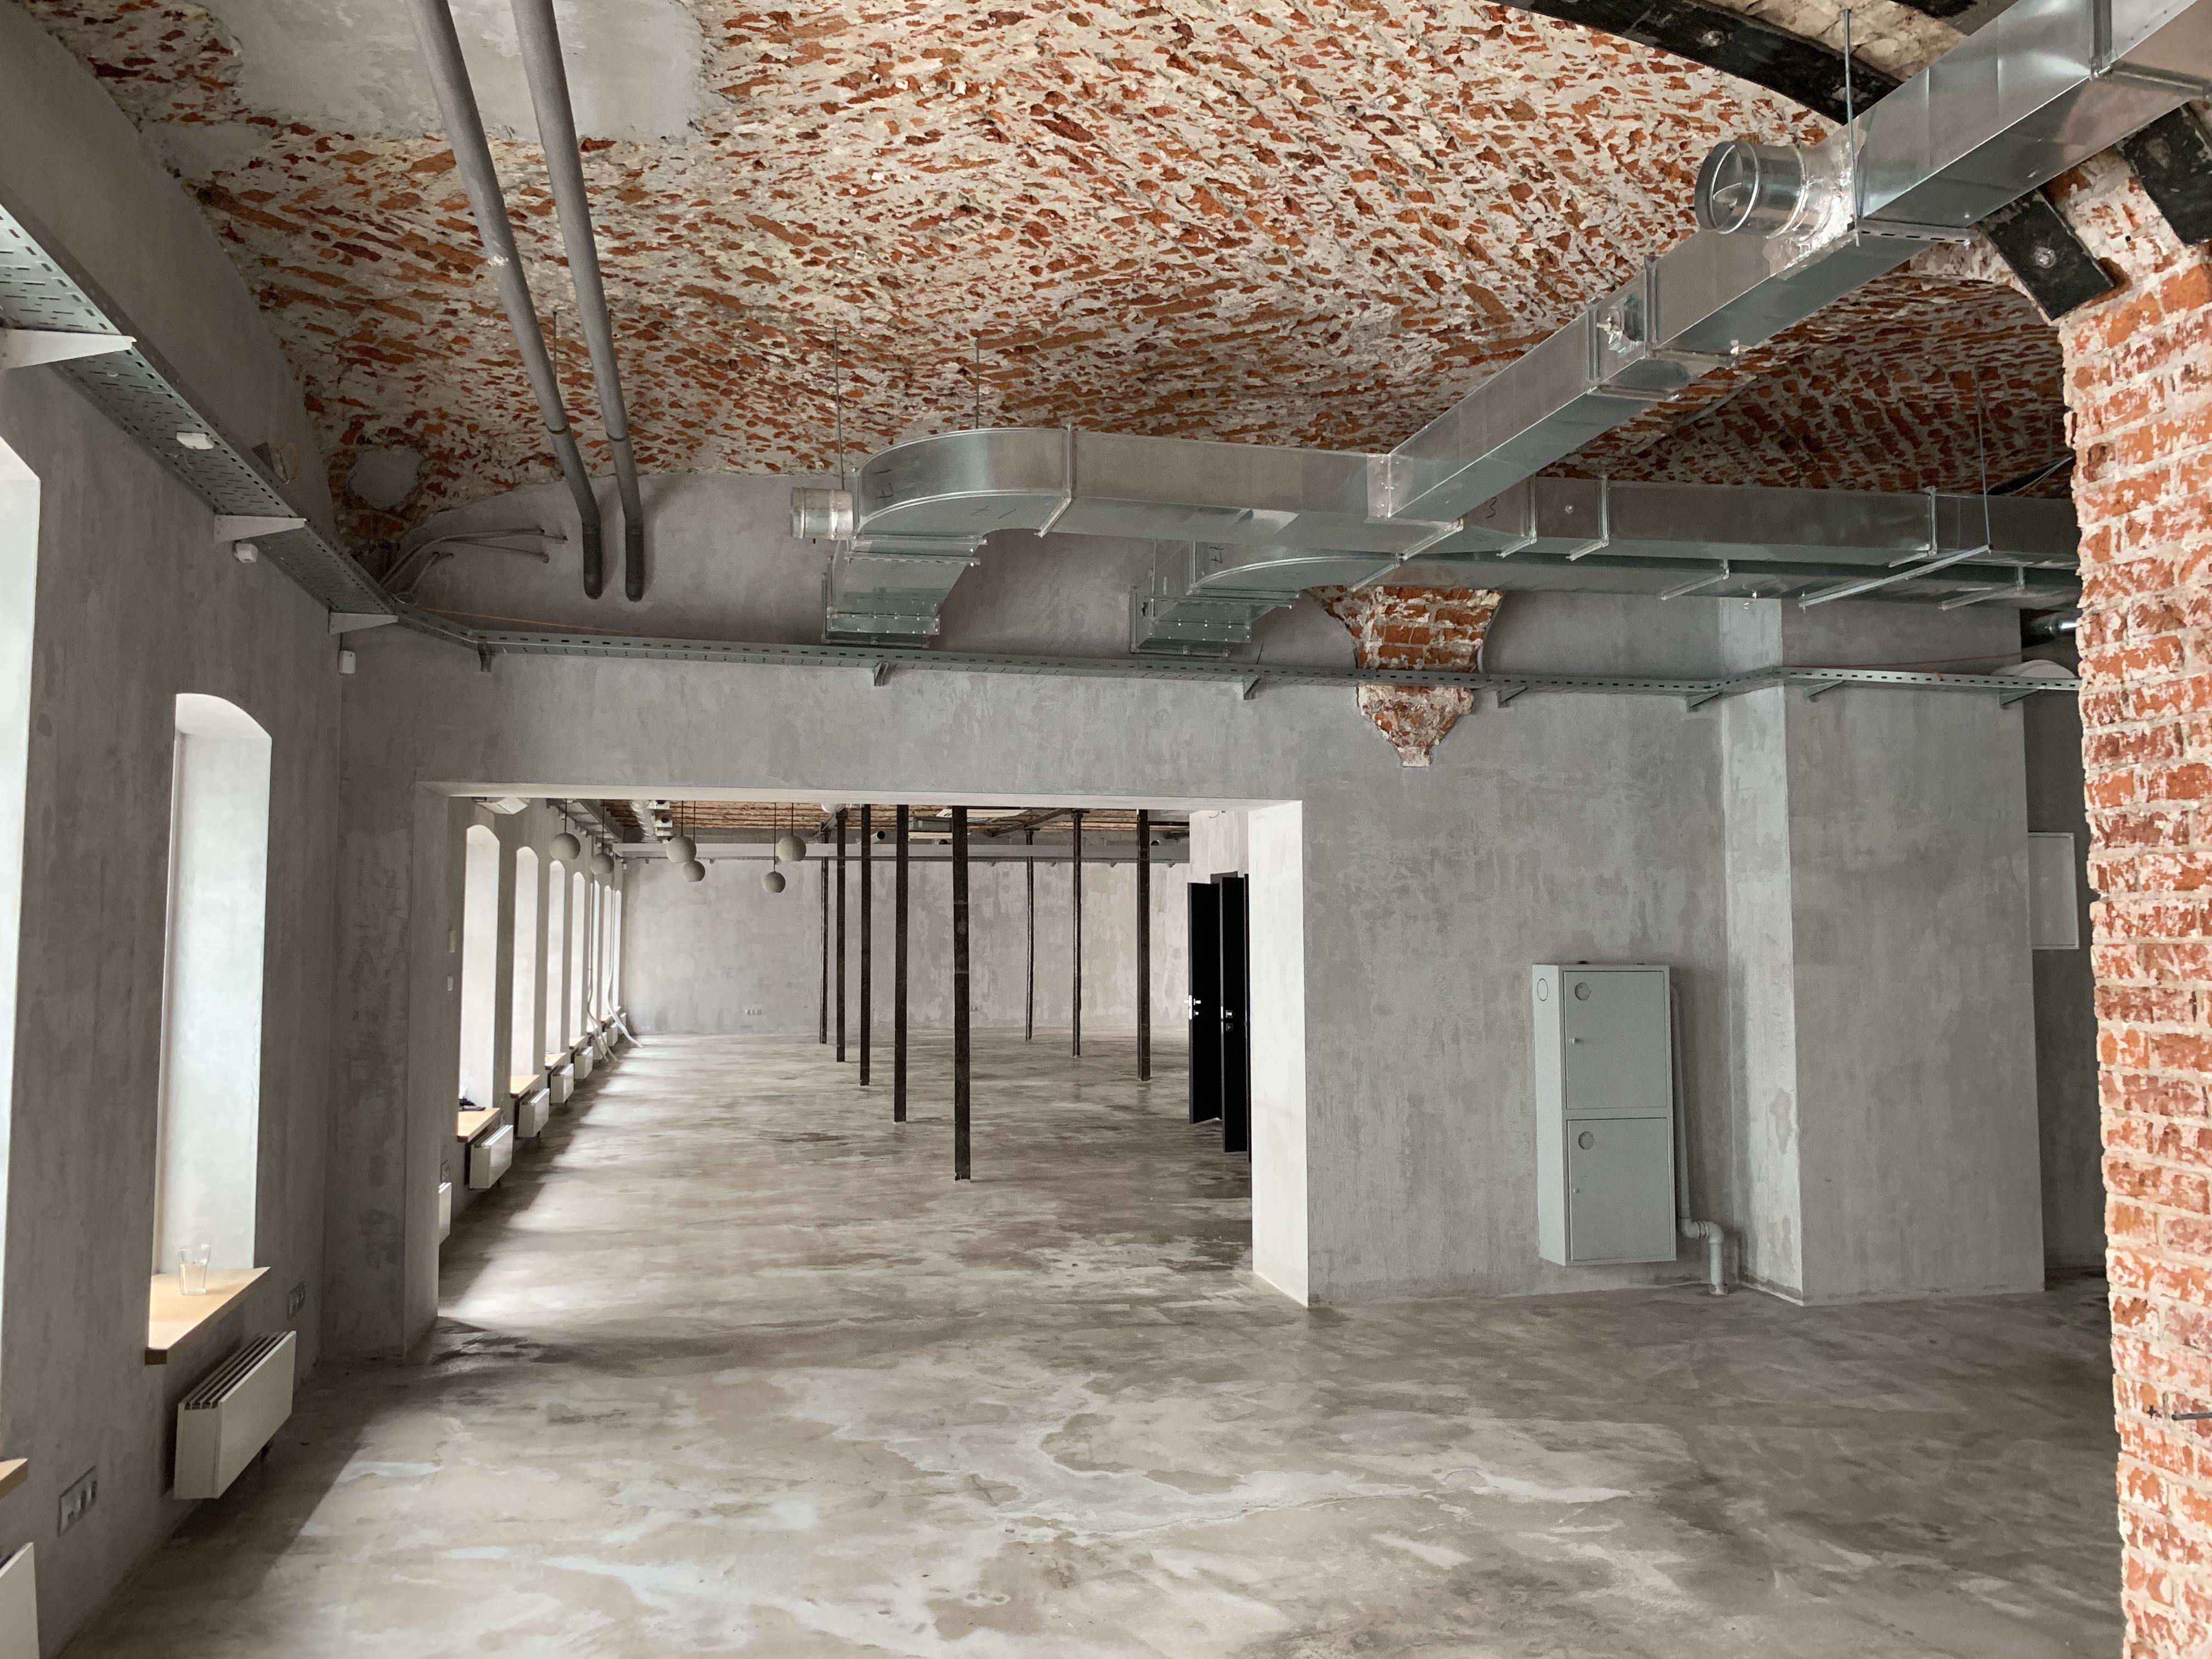 Переход между помещениями 253 кв.м. и 207 кв.м.